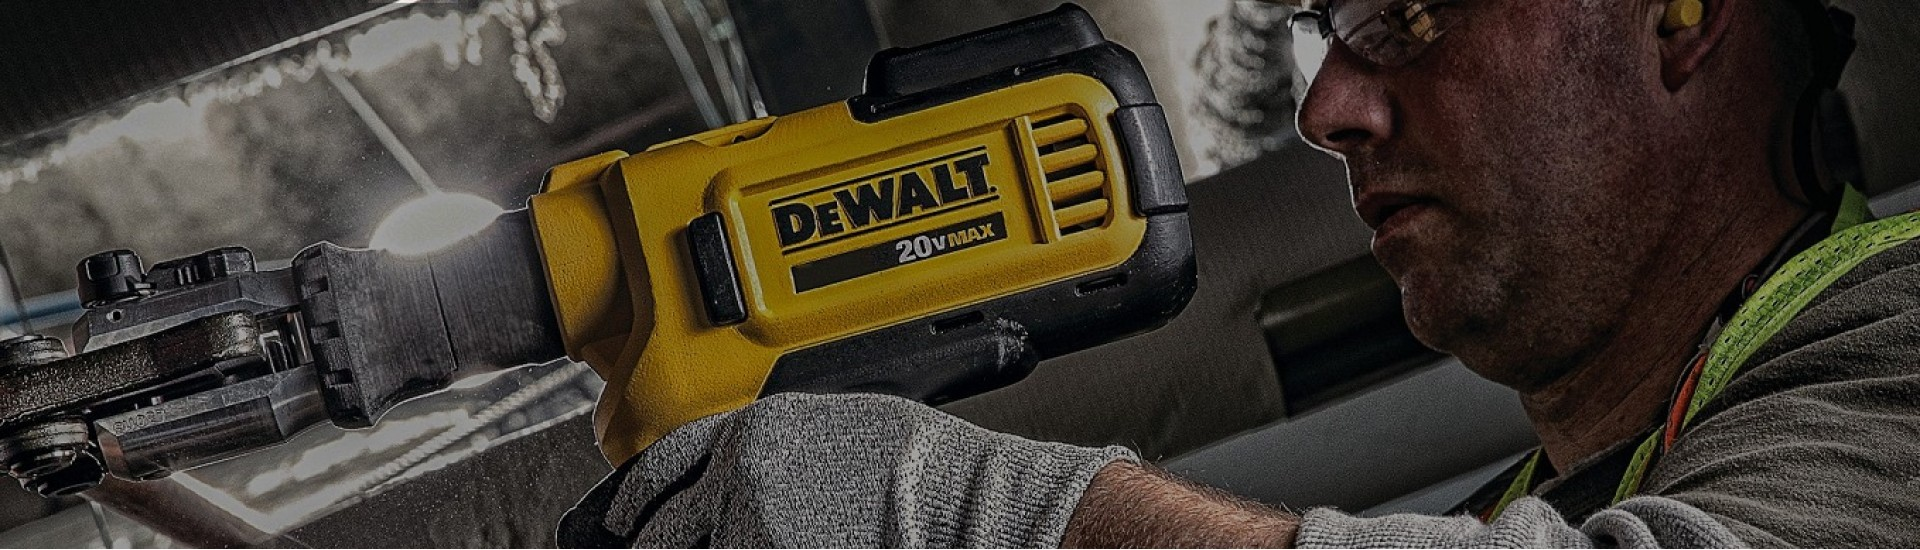 ابزارآلات ، قیمت ابزارآلات ، tools and equipment